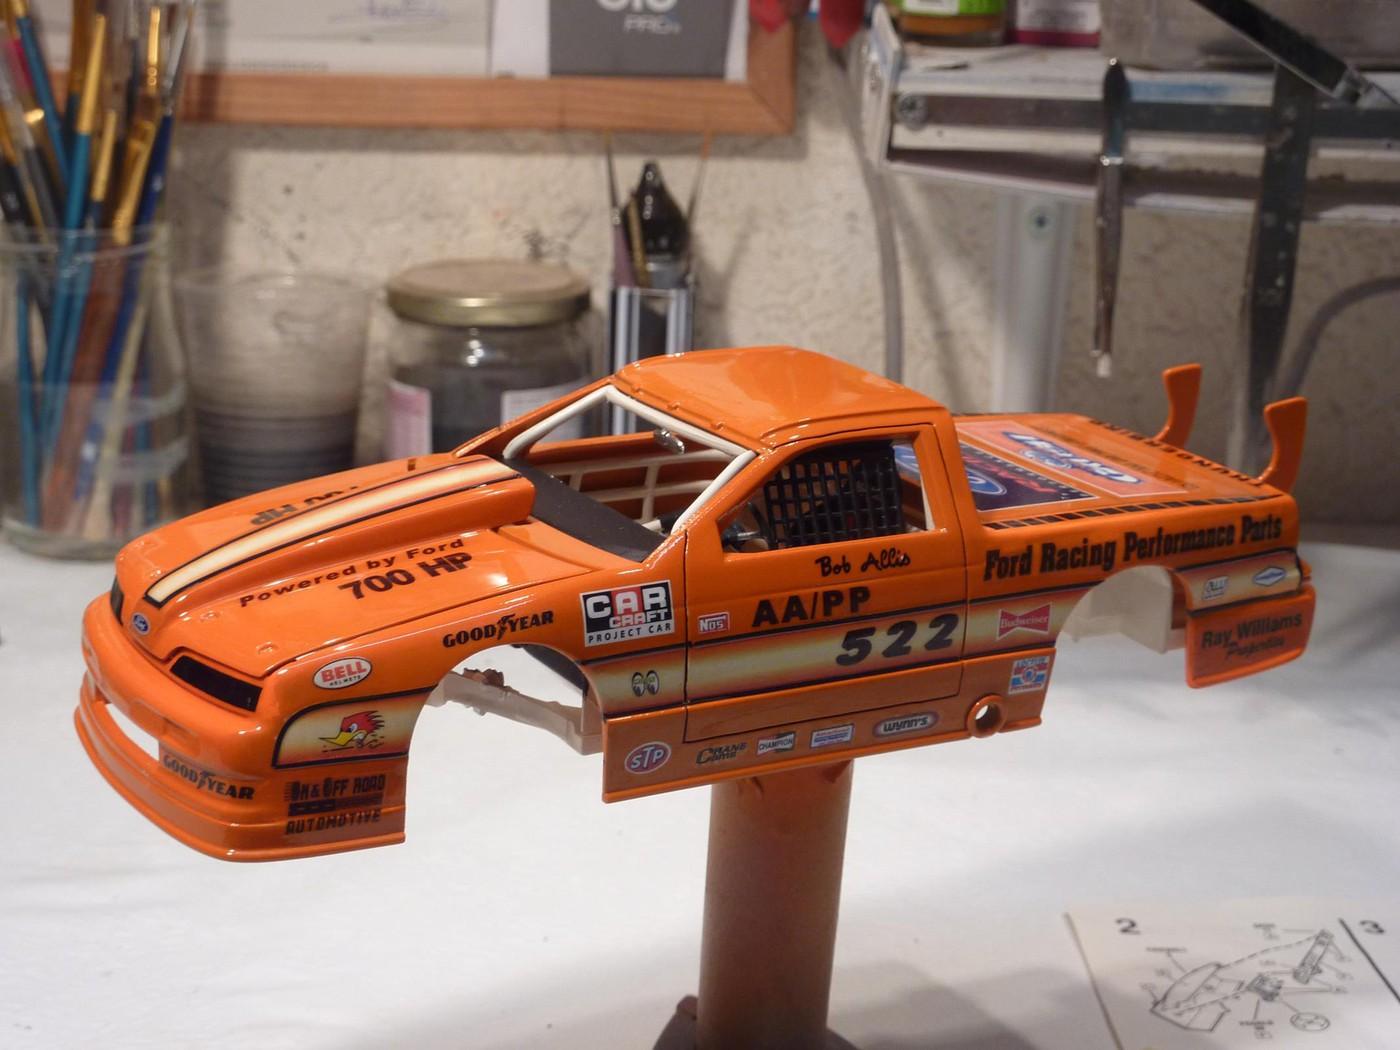 Ford T Bird Pickup racer Bonneville ( Ex Nascar) terminée  - Page 2 Photo32-vi